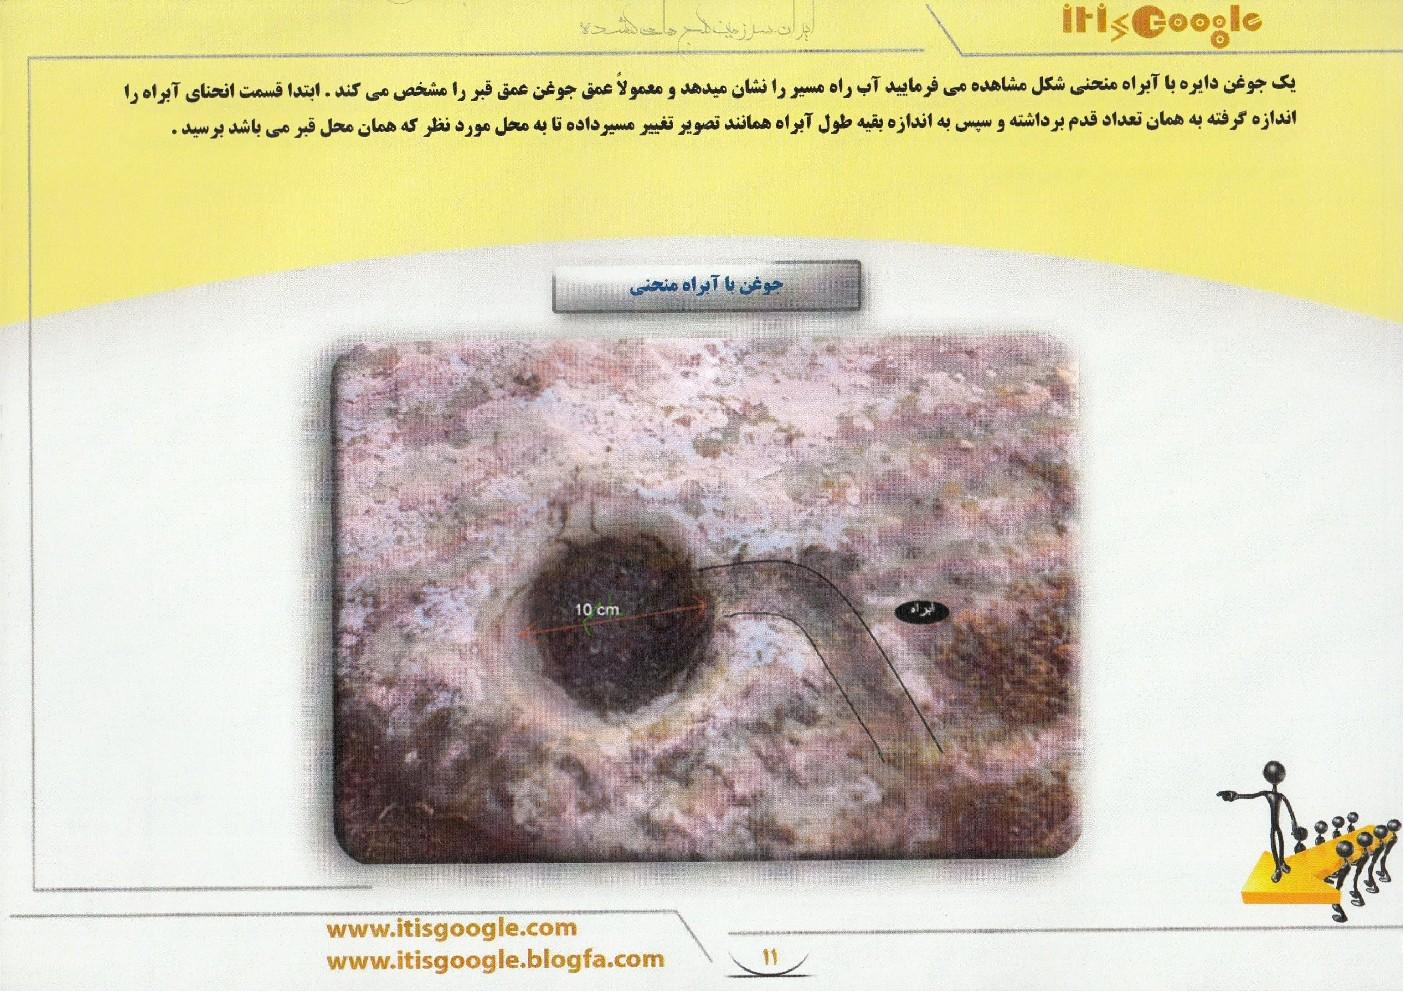 کارشناسی و رمزیابی جوغن دایره با آبراه منحنی و تعیین محل قبر